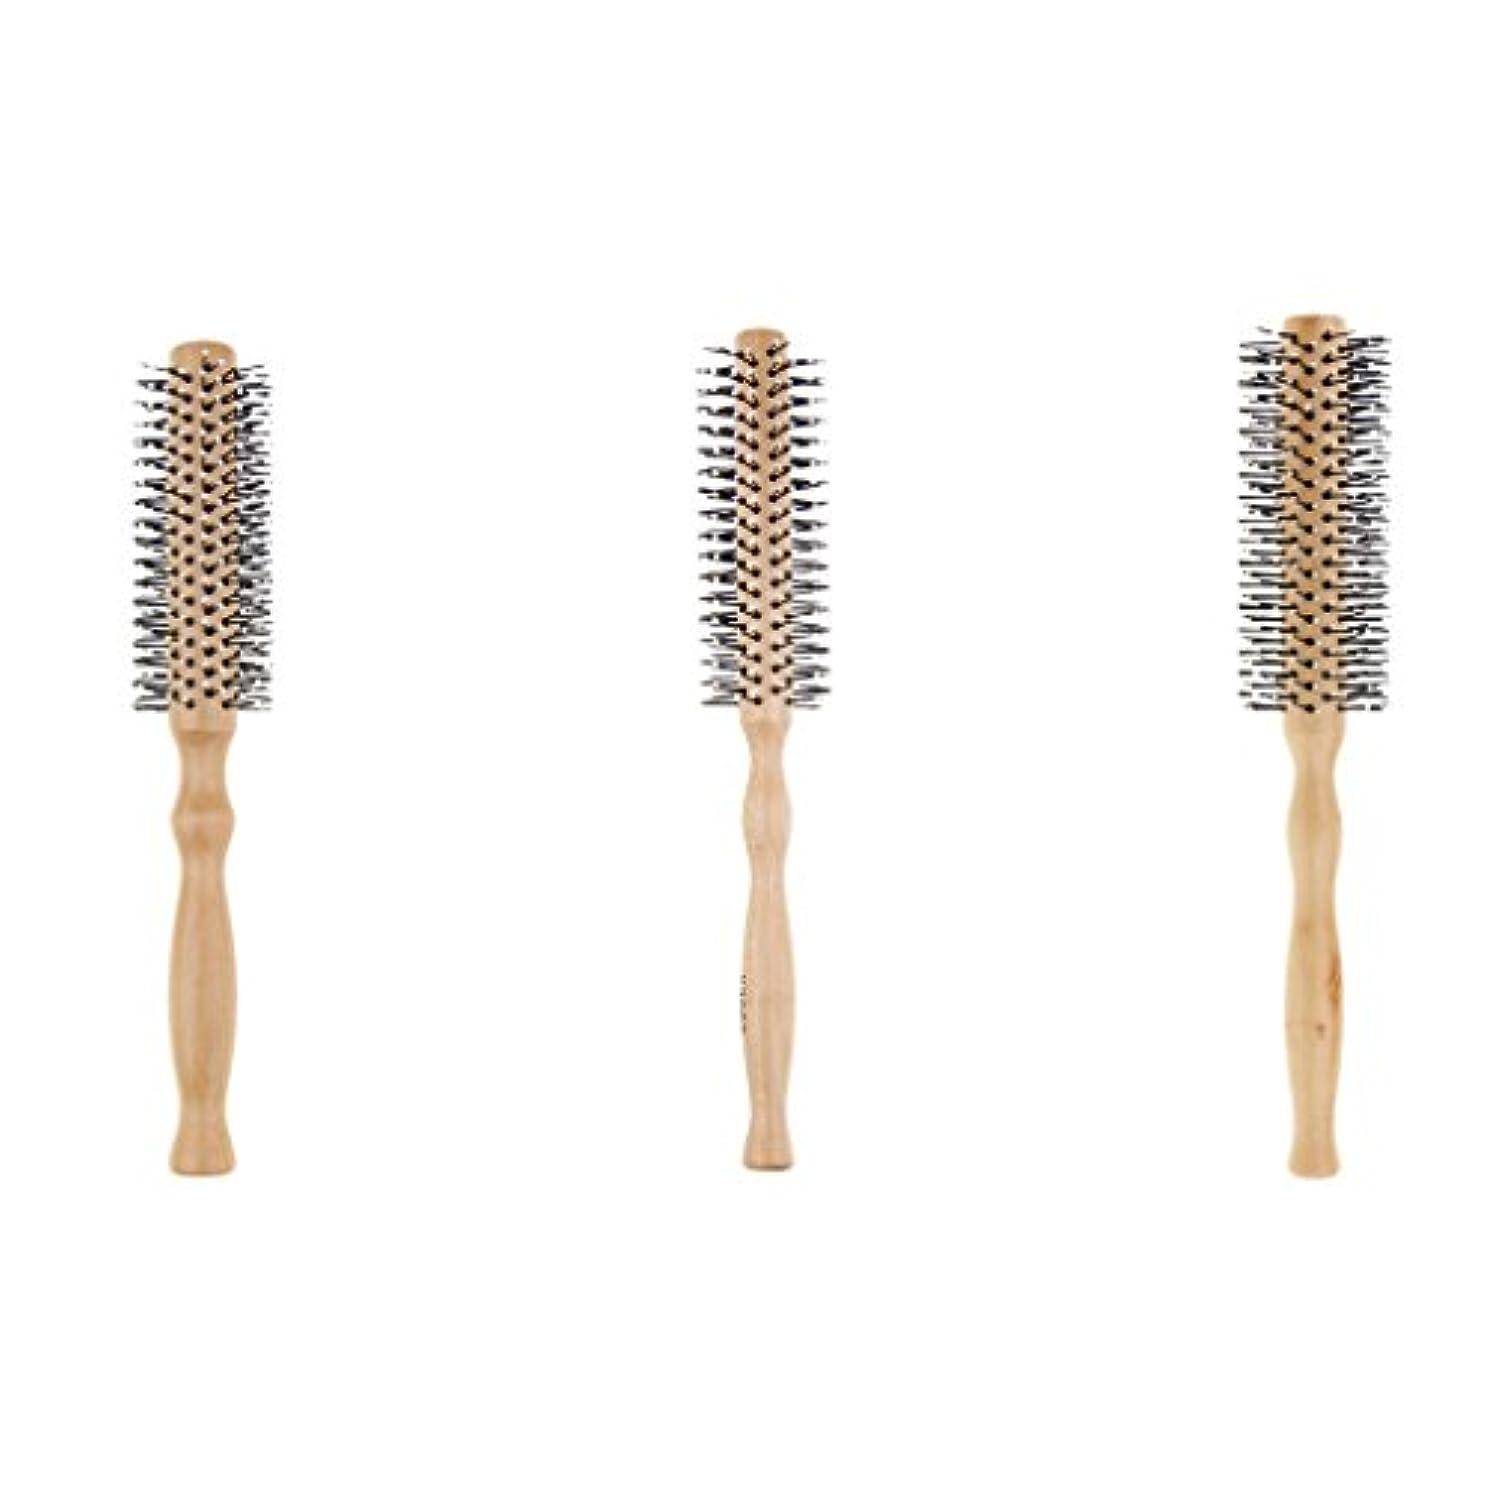 赤道モックチョークP Prettyia 3本 ヘアブラシ ロールブラシ ヘアスタイリング 巻き髪 木製 波状 カール